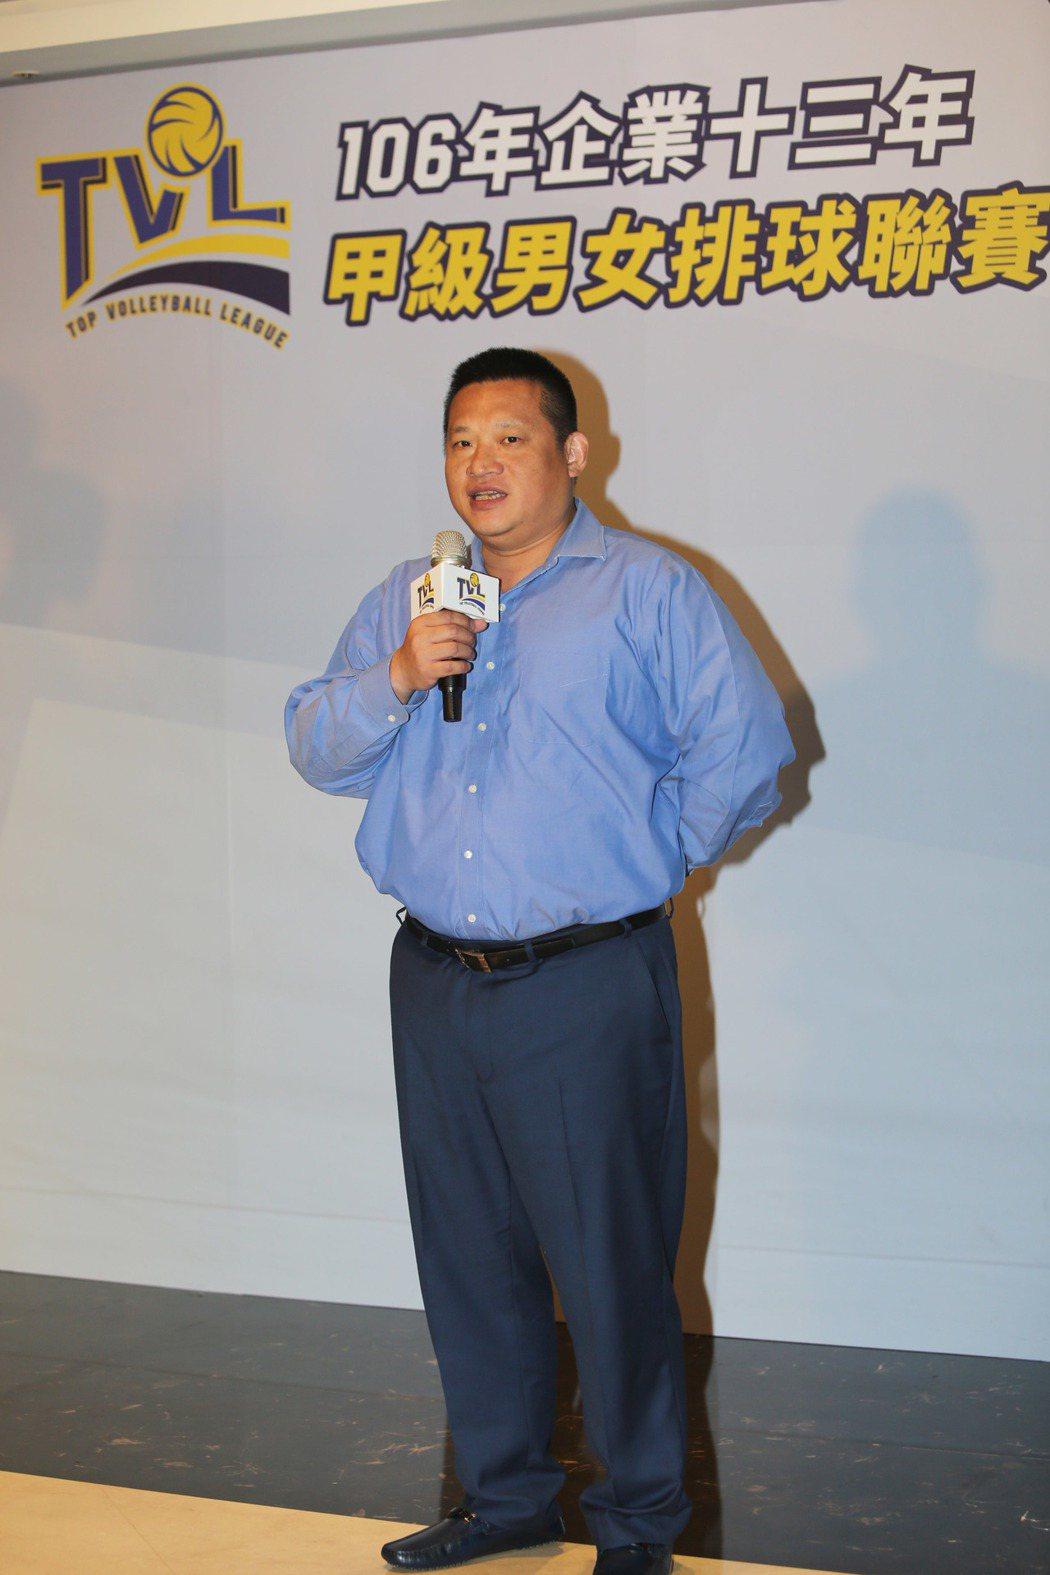 中華民國排球協會王貴賢理事長邀請大家進場支持10月28日企業排球聯賽開幕戰。圖/...